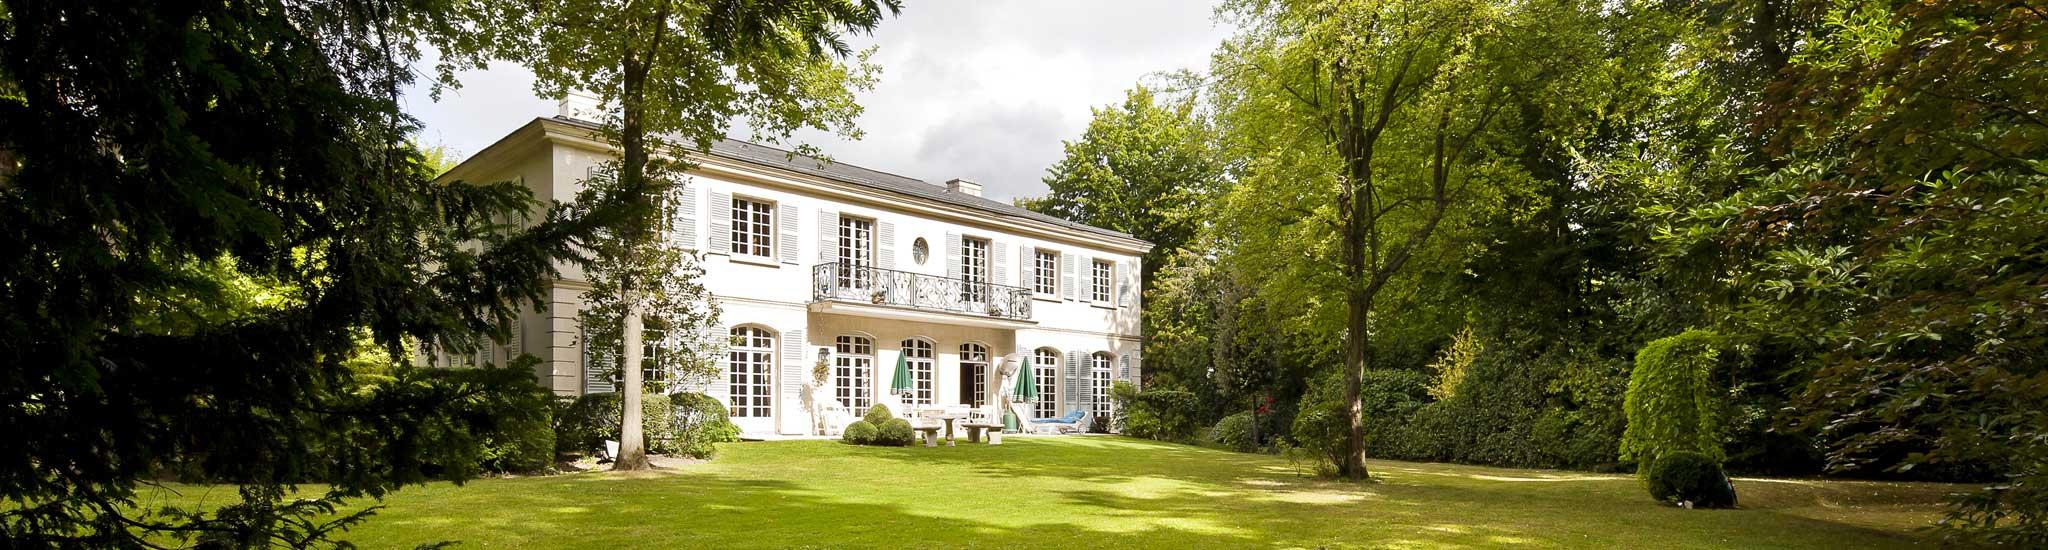 MARNES LA COQUETTE - 92430 Dans parc privé, propriété de caractère sur un terrain de 4000 m²...